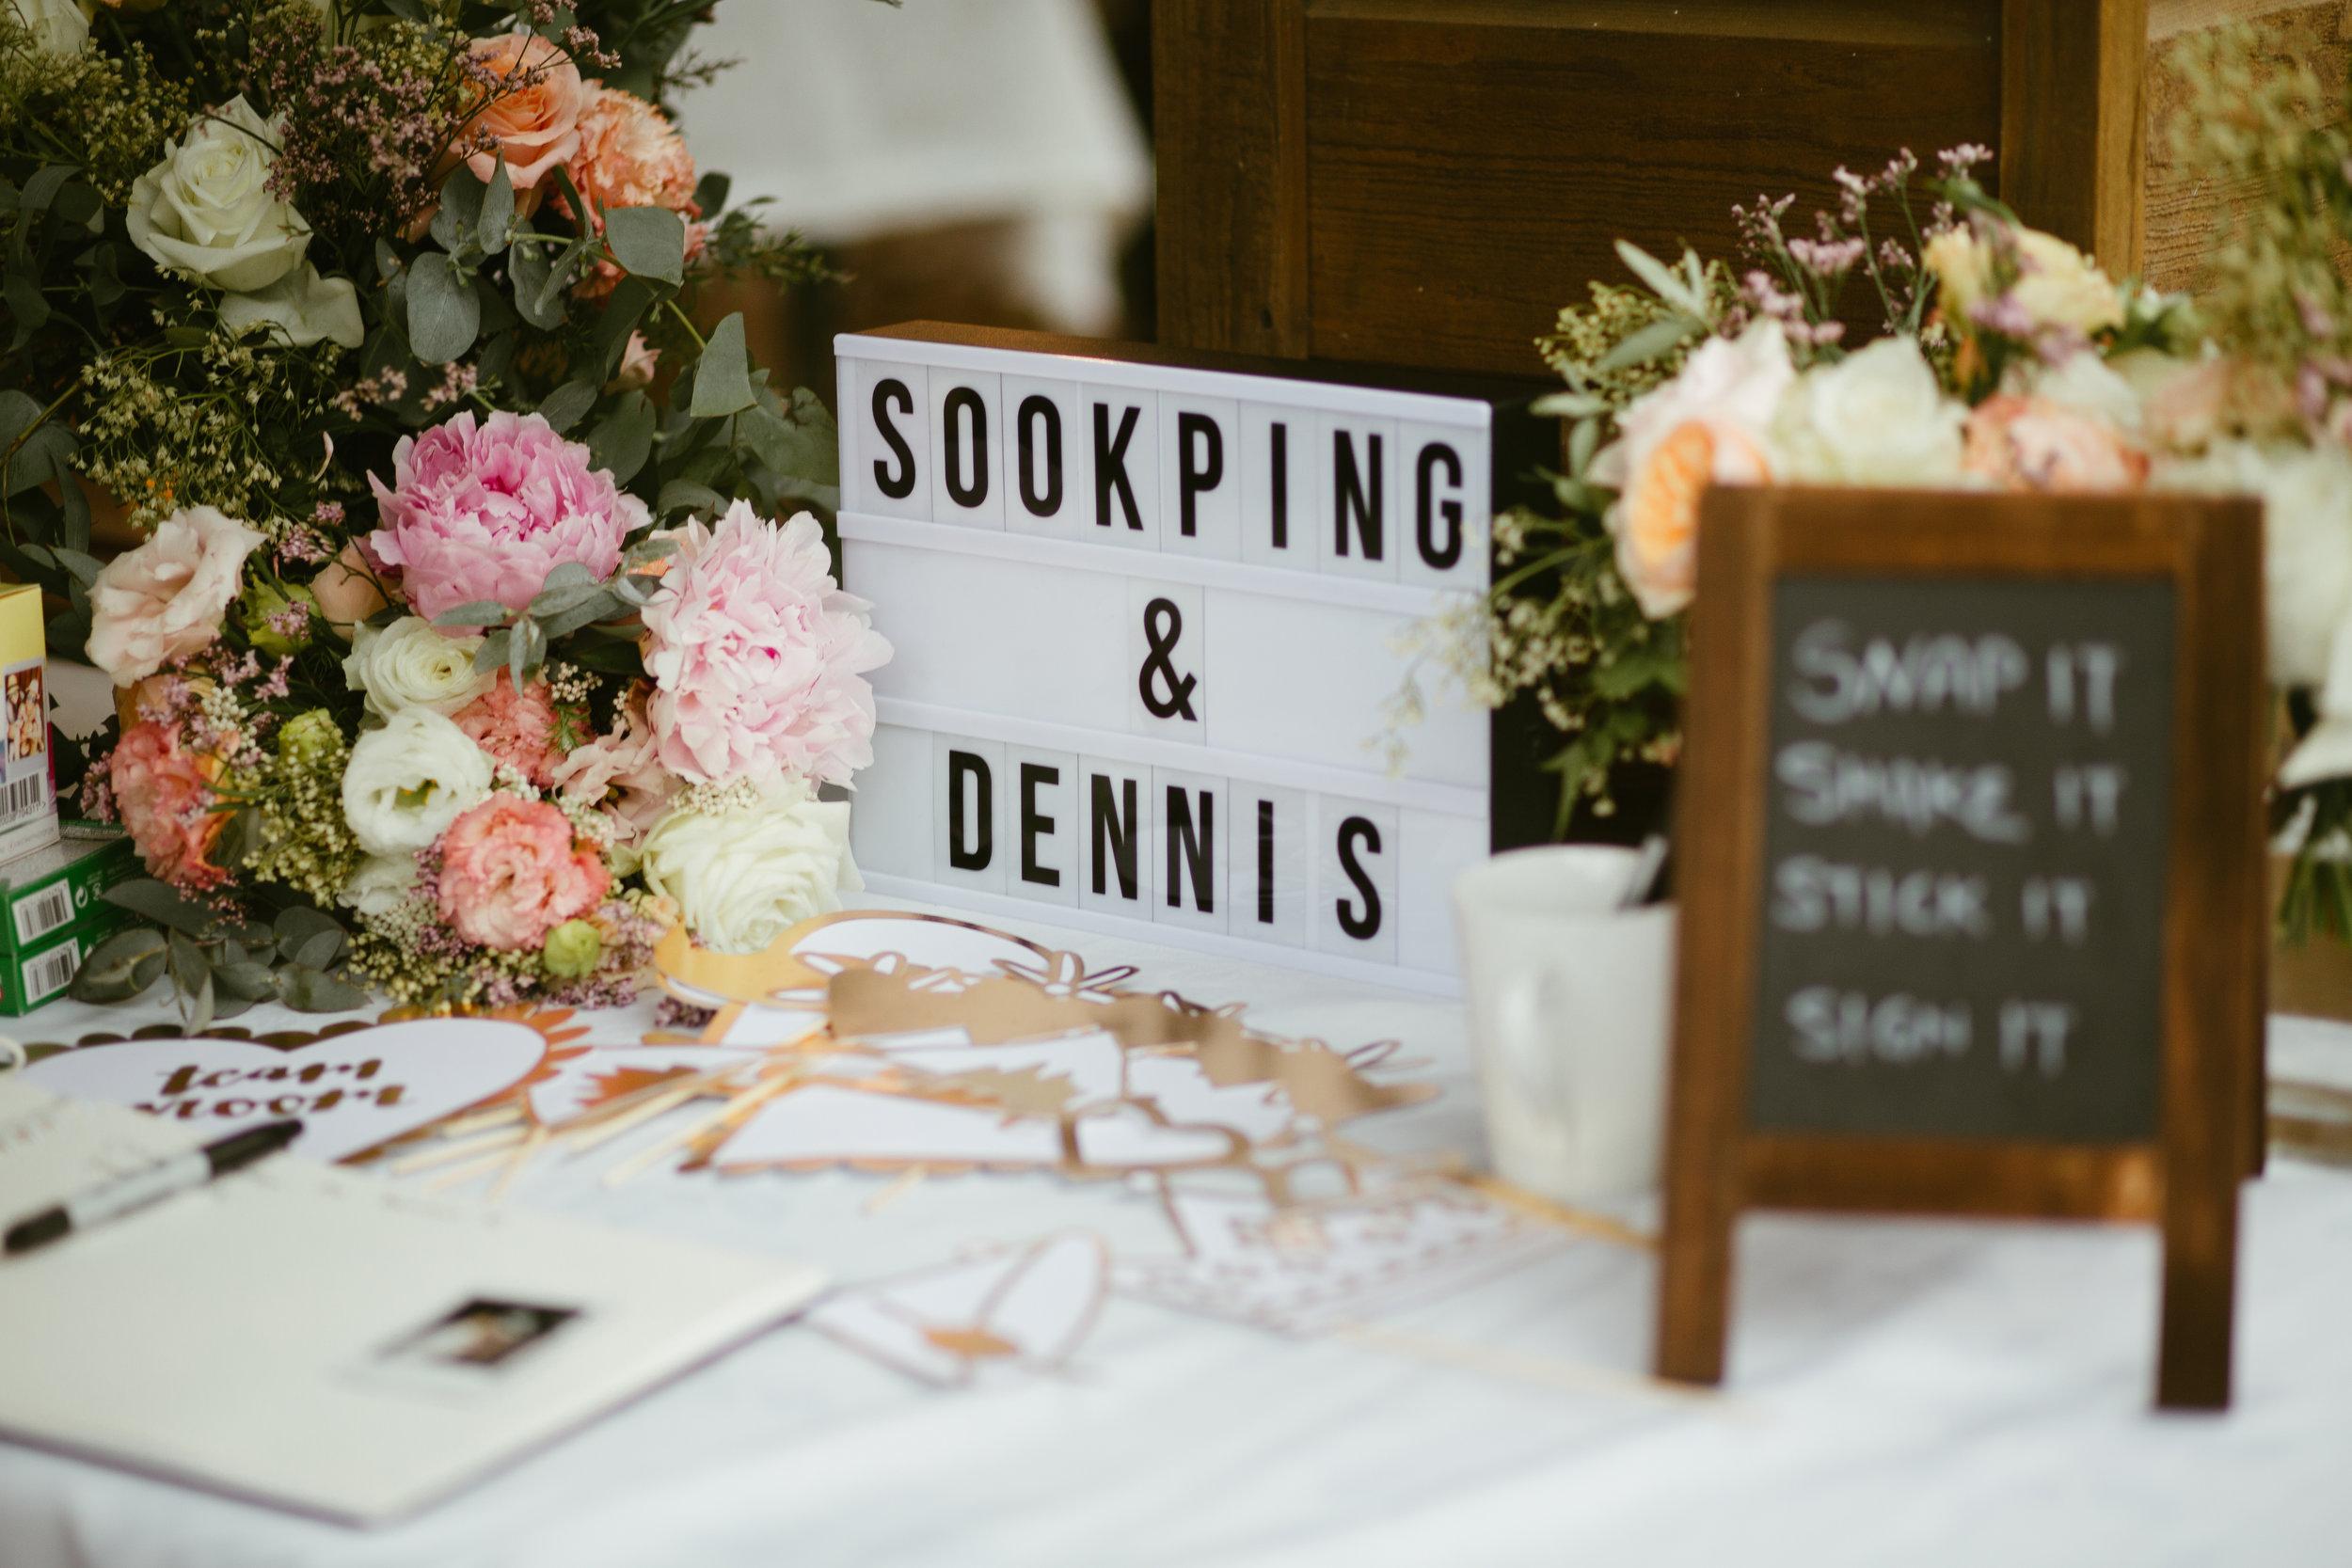 20181223_WEDDING_DENNIS_SOOKPING_0562.JPG